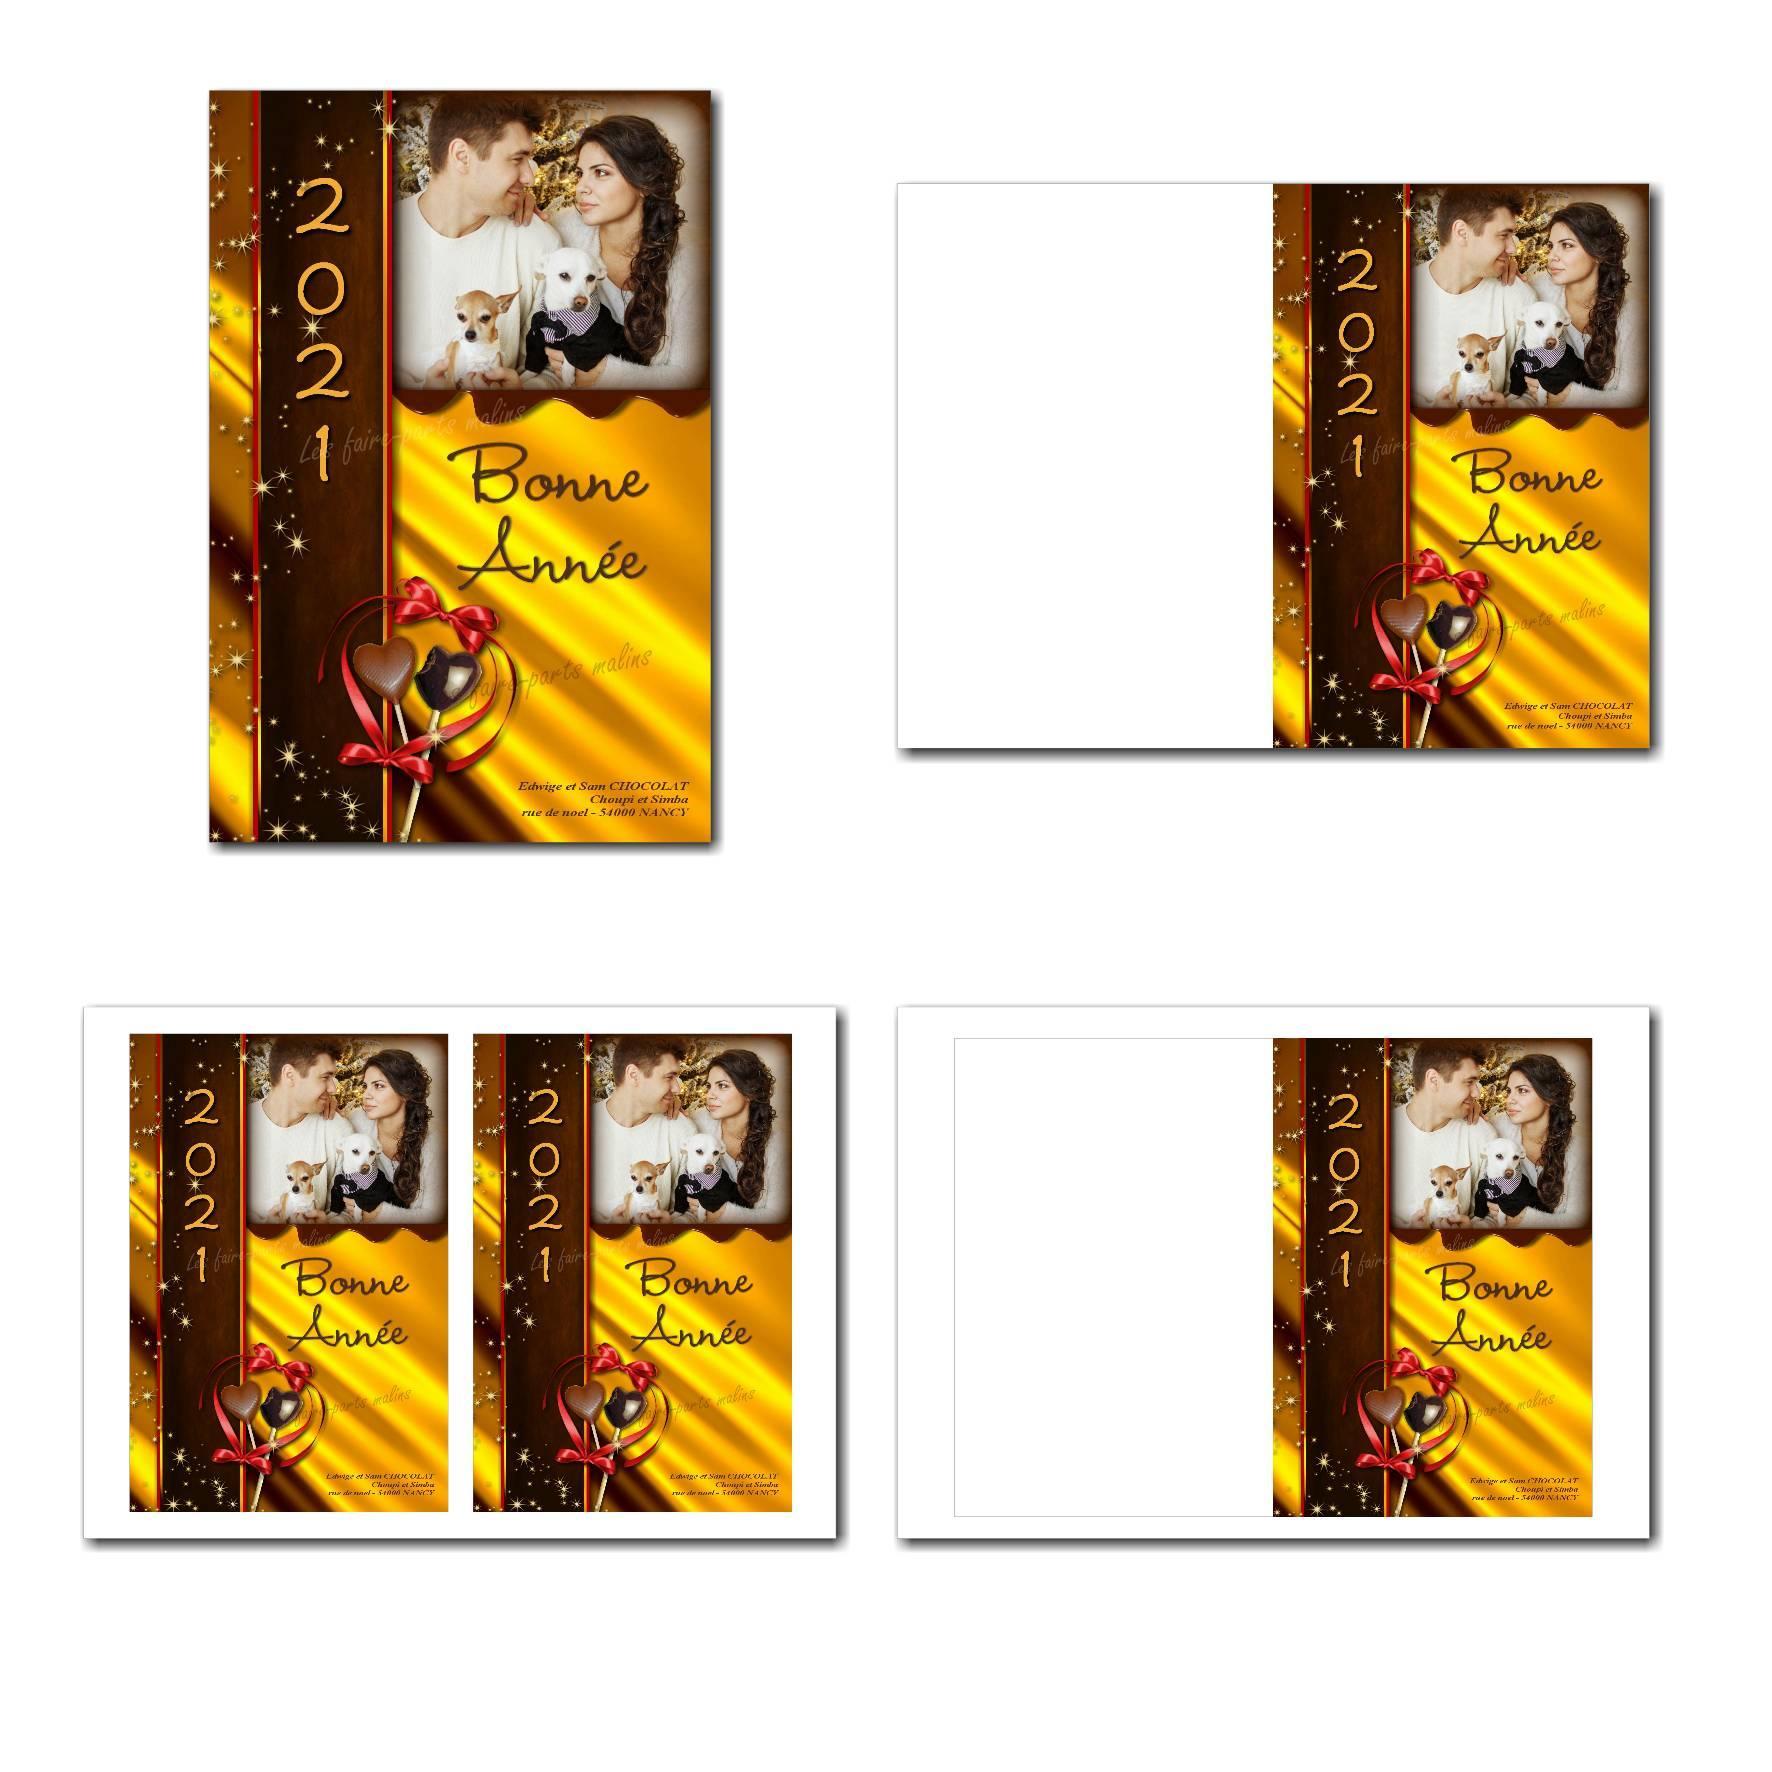 carte de voeux à imprimer avec fond doré et chocolat gourmand